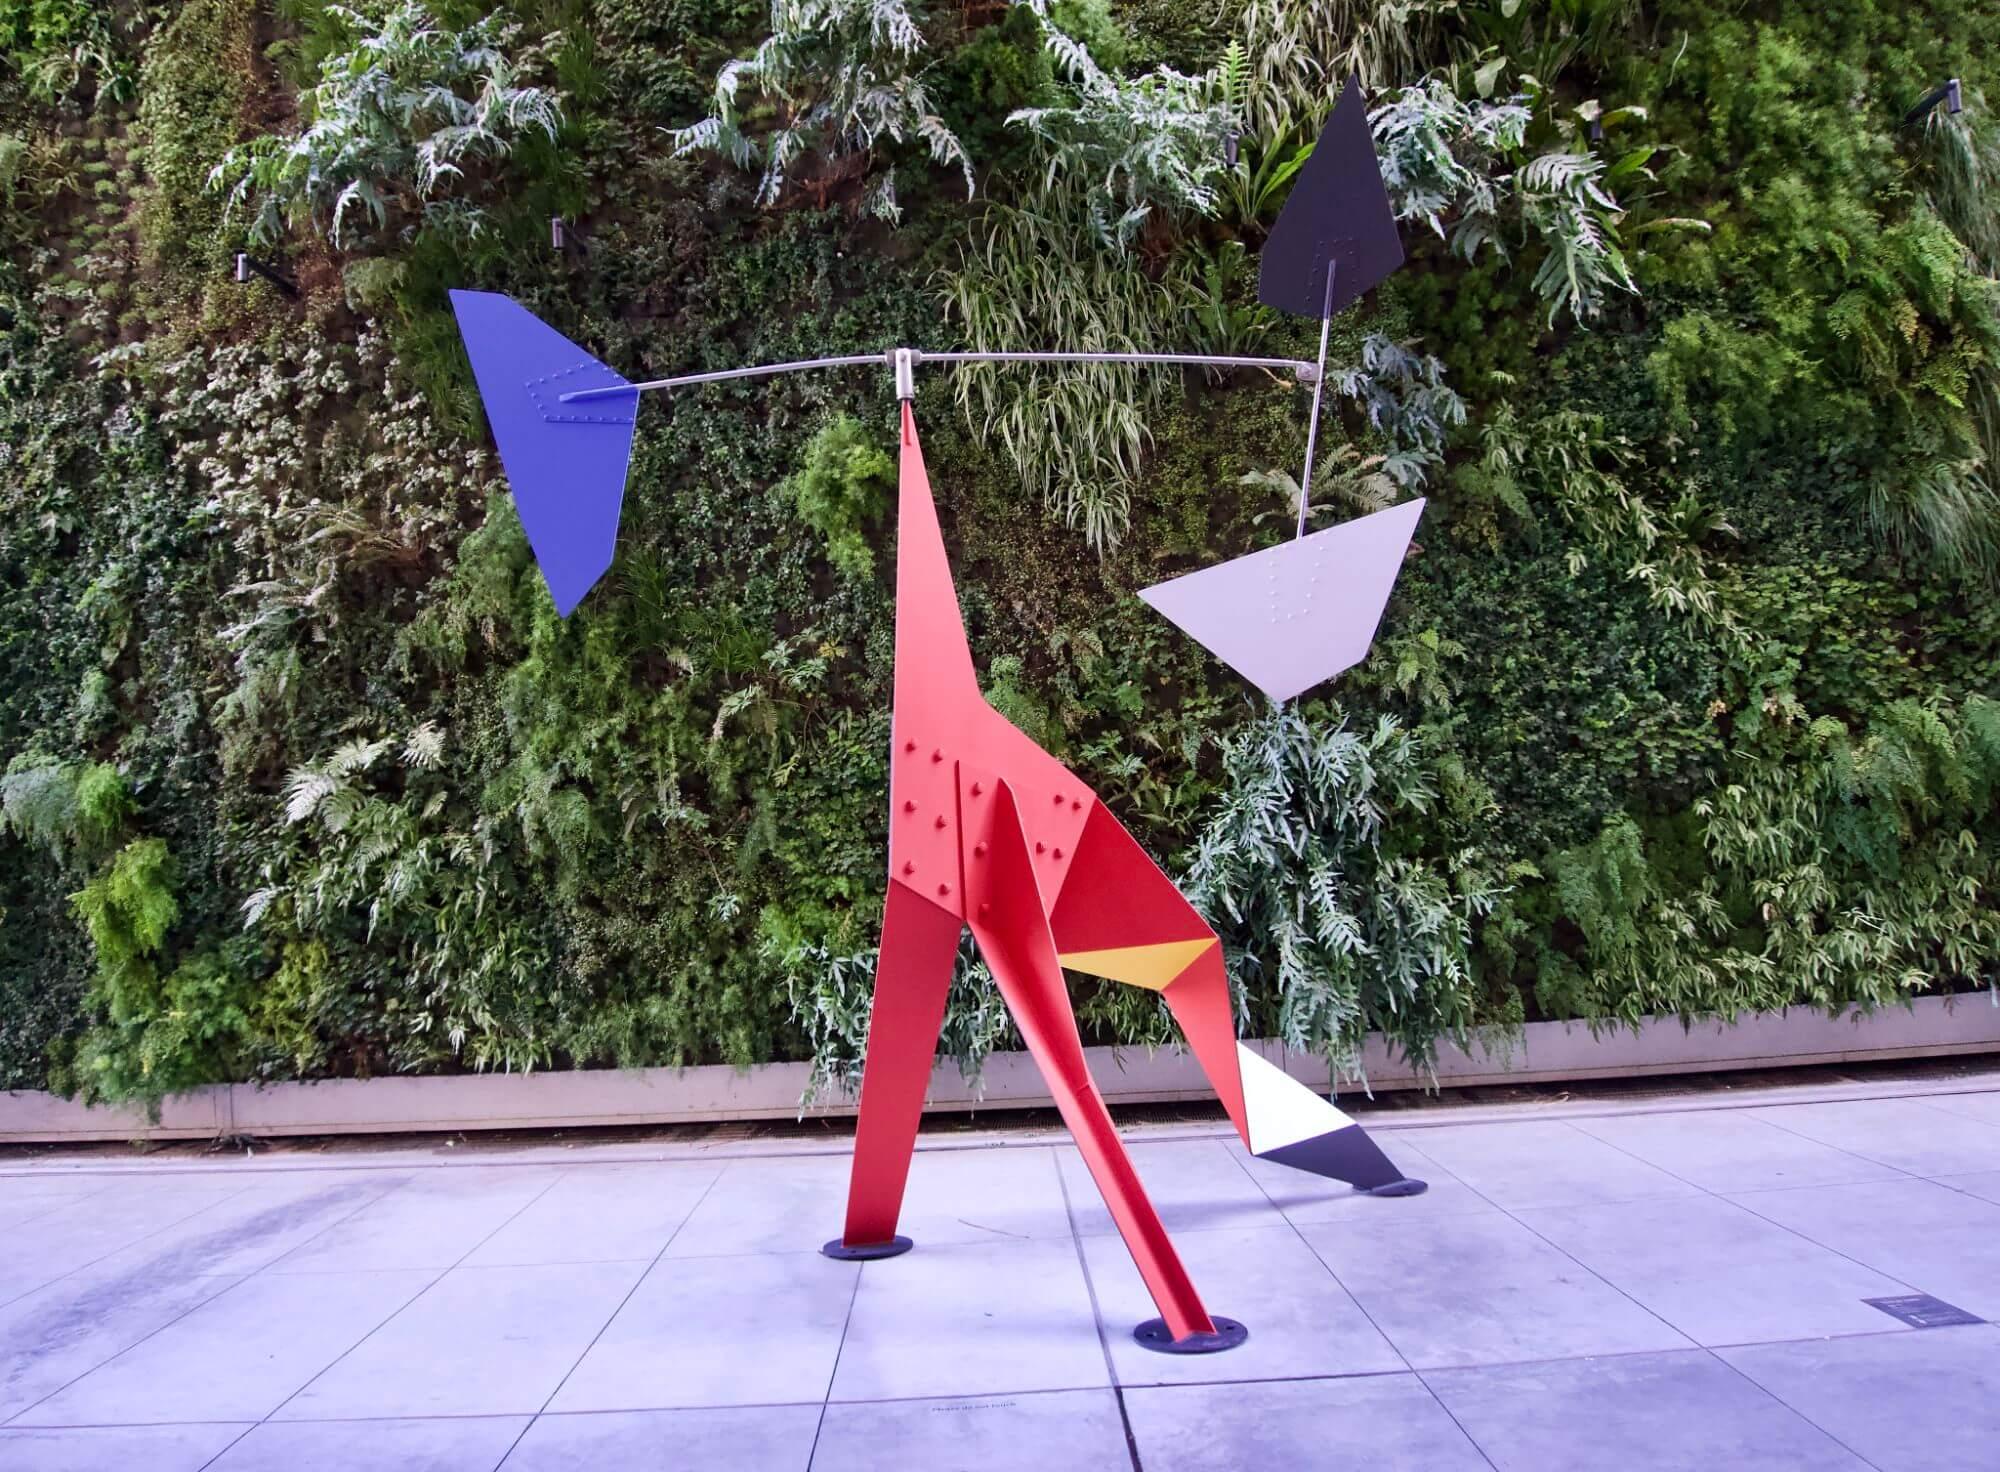 Calder sculpture at San Francisco Museum of Modern Art